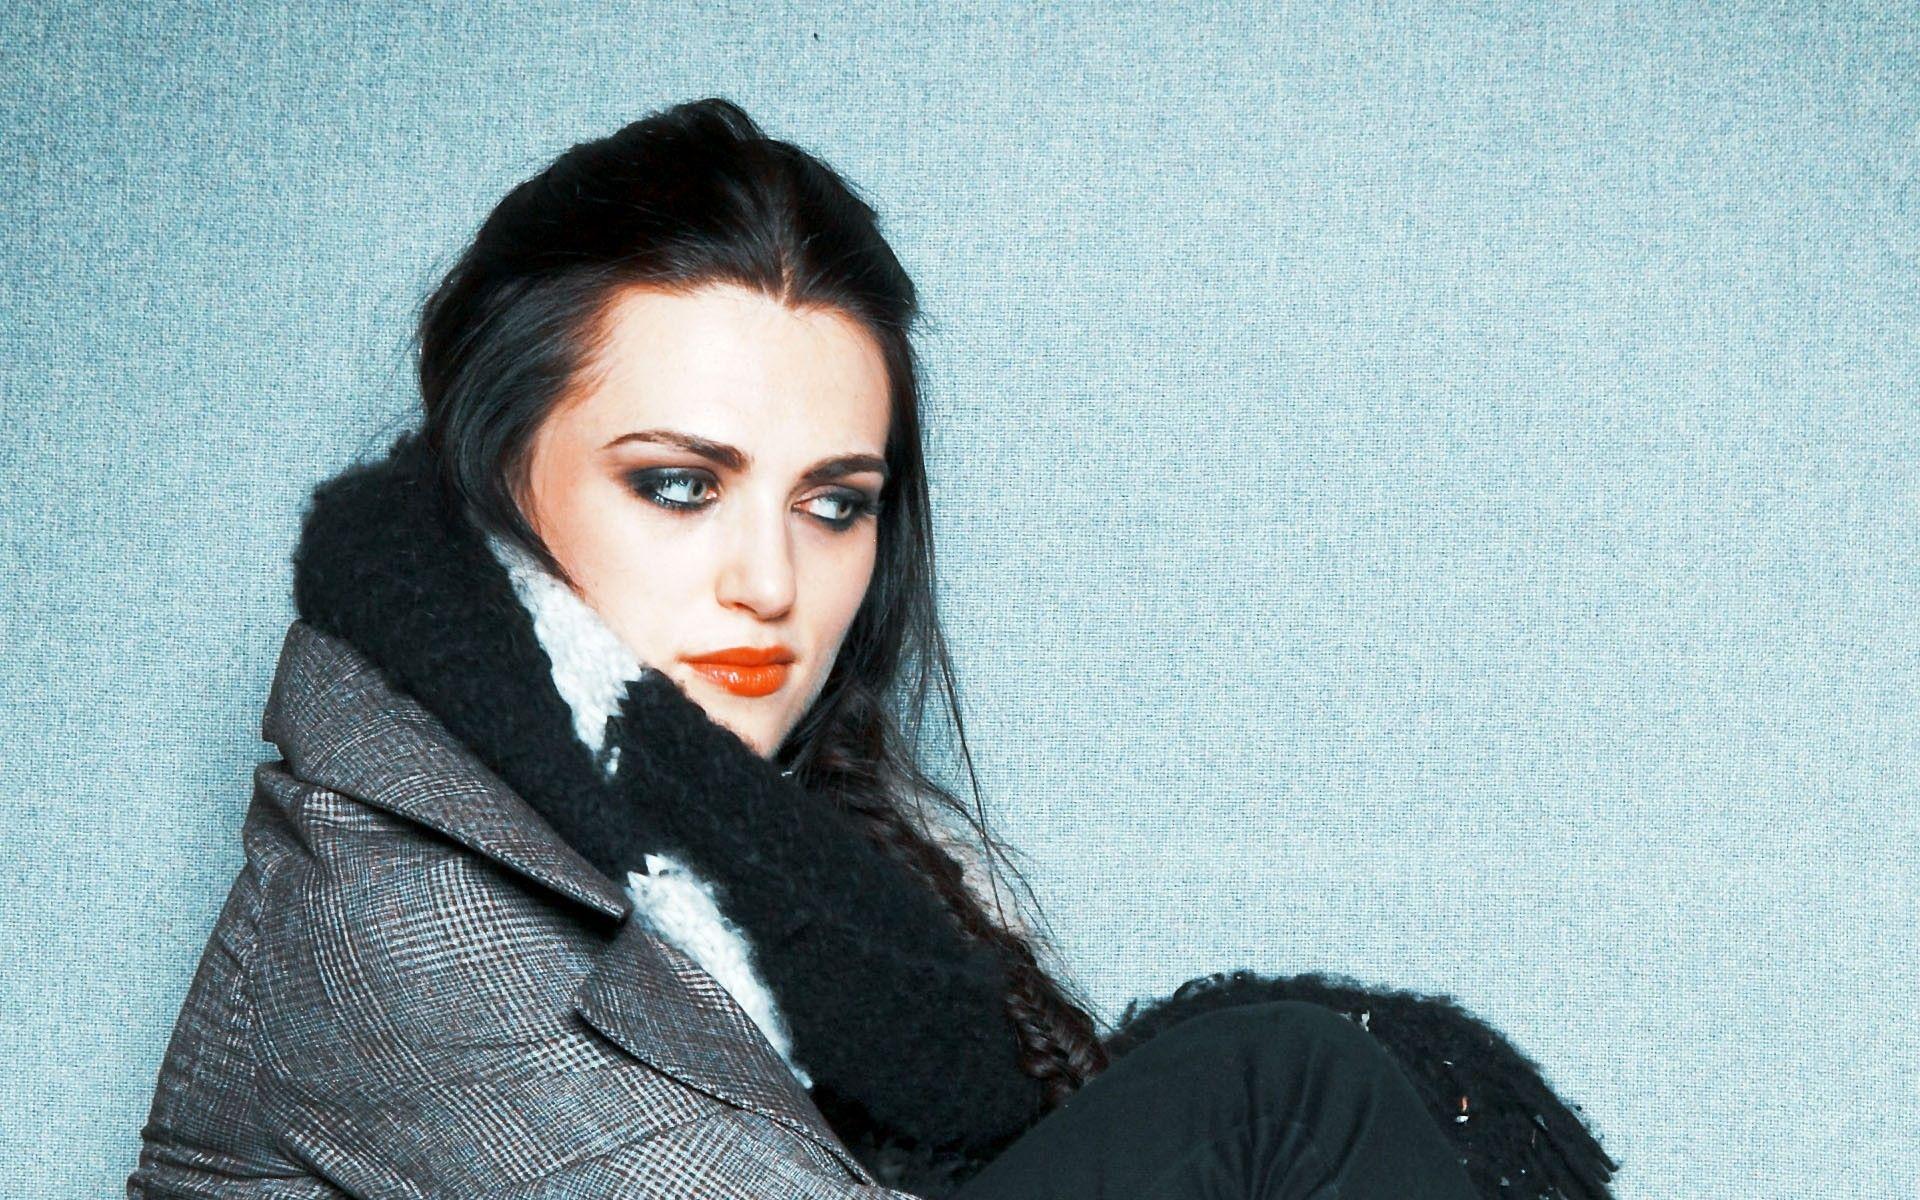 katie mcgrath makeup wallpaper 60221